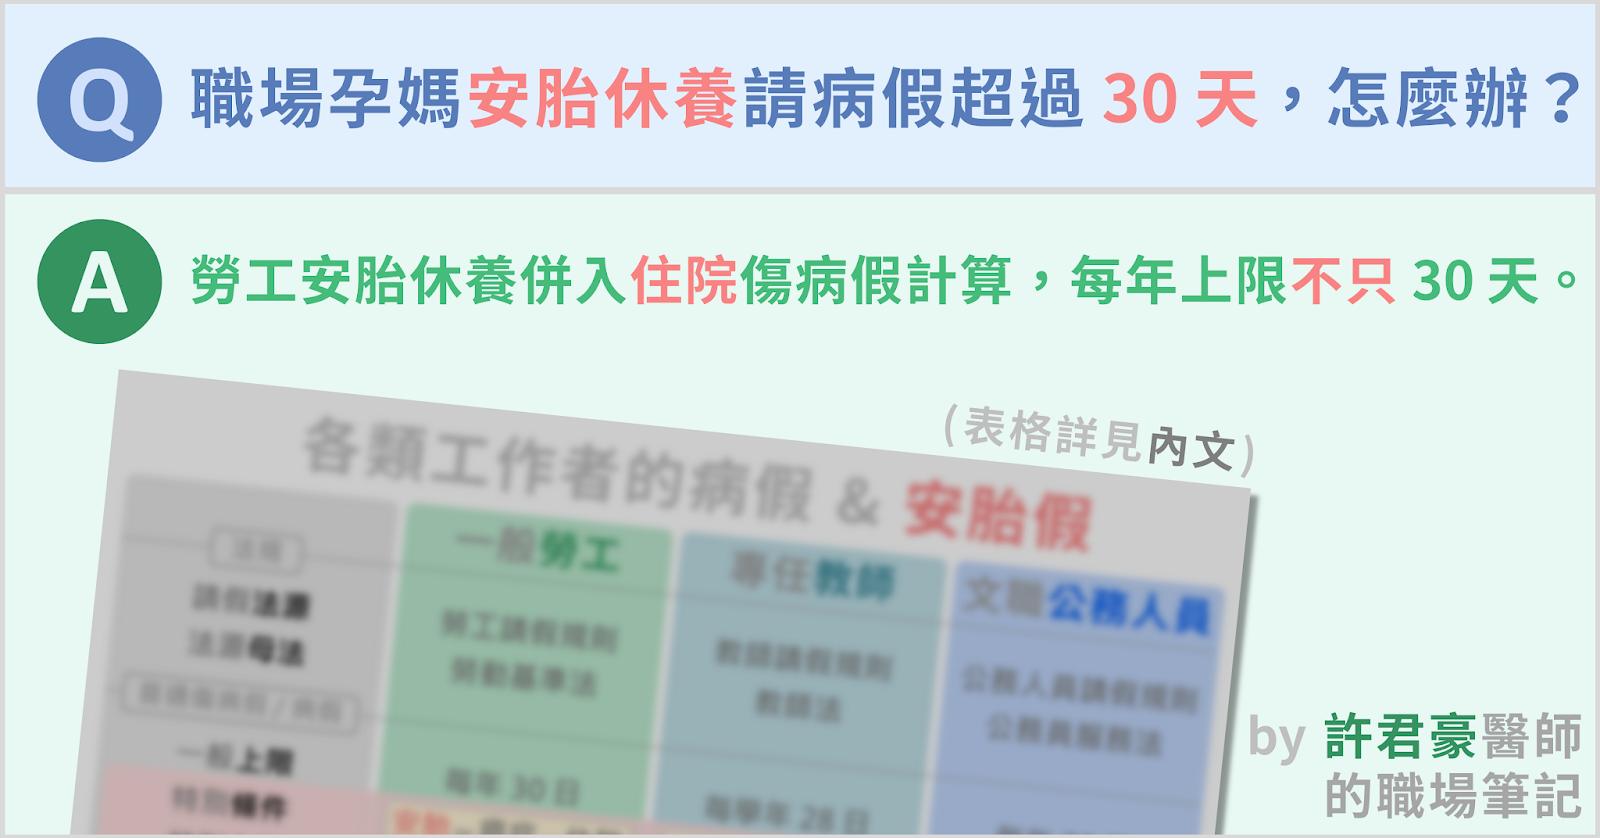 許君豪醫師 Jun-Hao Shih. MD: 職場孕媽:安胎休養請病假超過 30 天。怎麼辦?